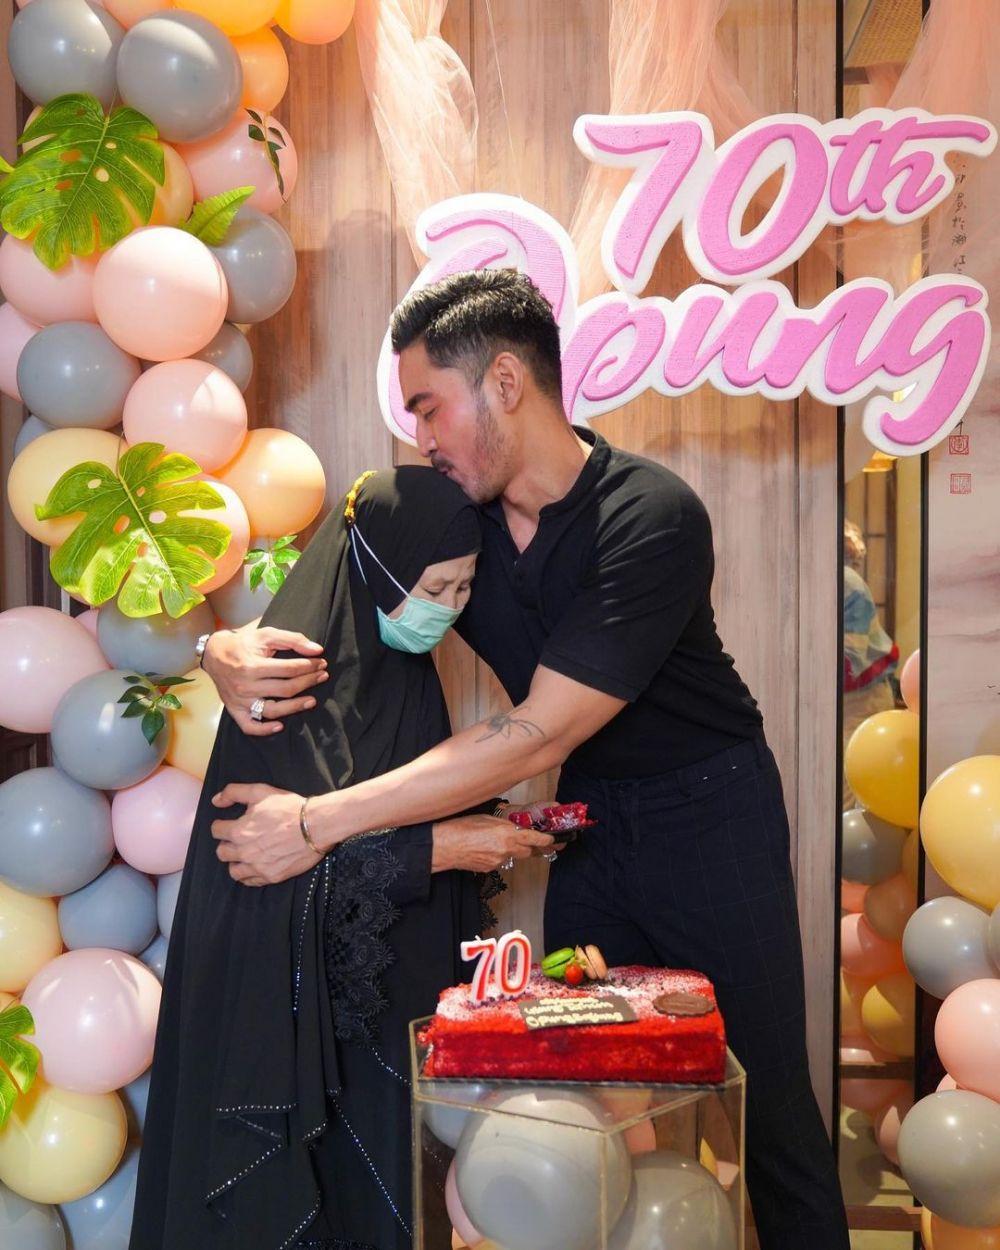 Momen ulang tahun ibunda Robby Purba © 2020 brilio.net/ Instagram